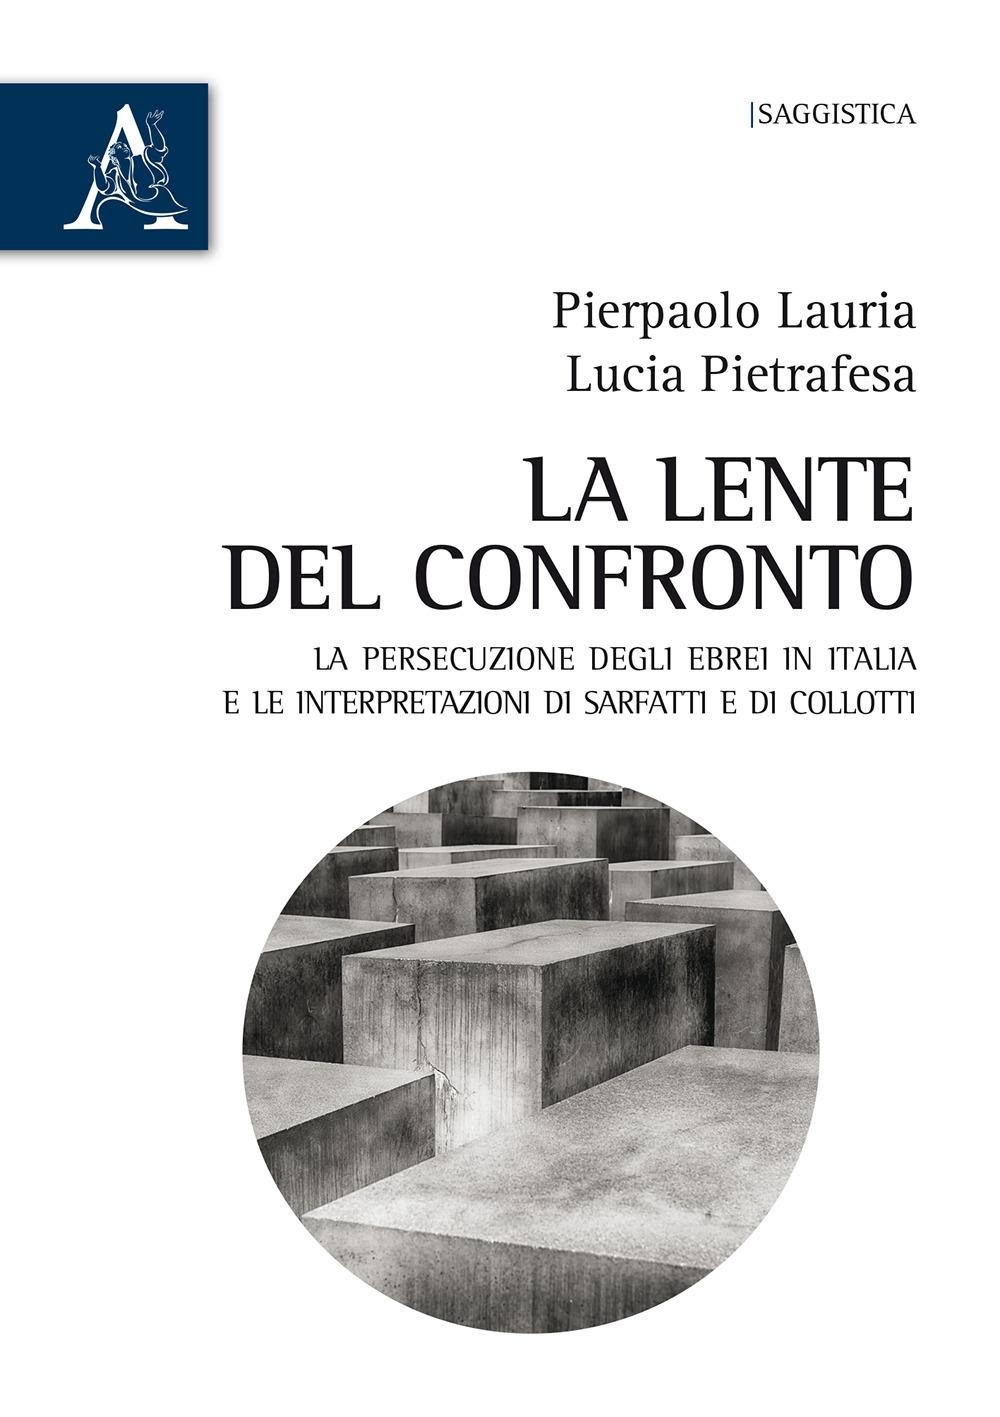 La lente del confronto. La persecuzione degli ebrei in Italia e le interpretazioni di Sarfatti e di Collotti